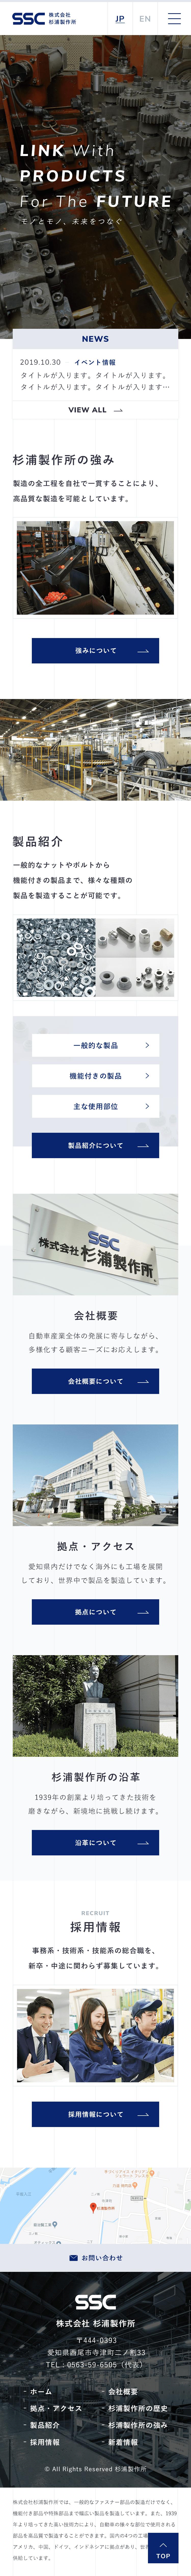 株式会社杉浦製作所 様